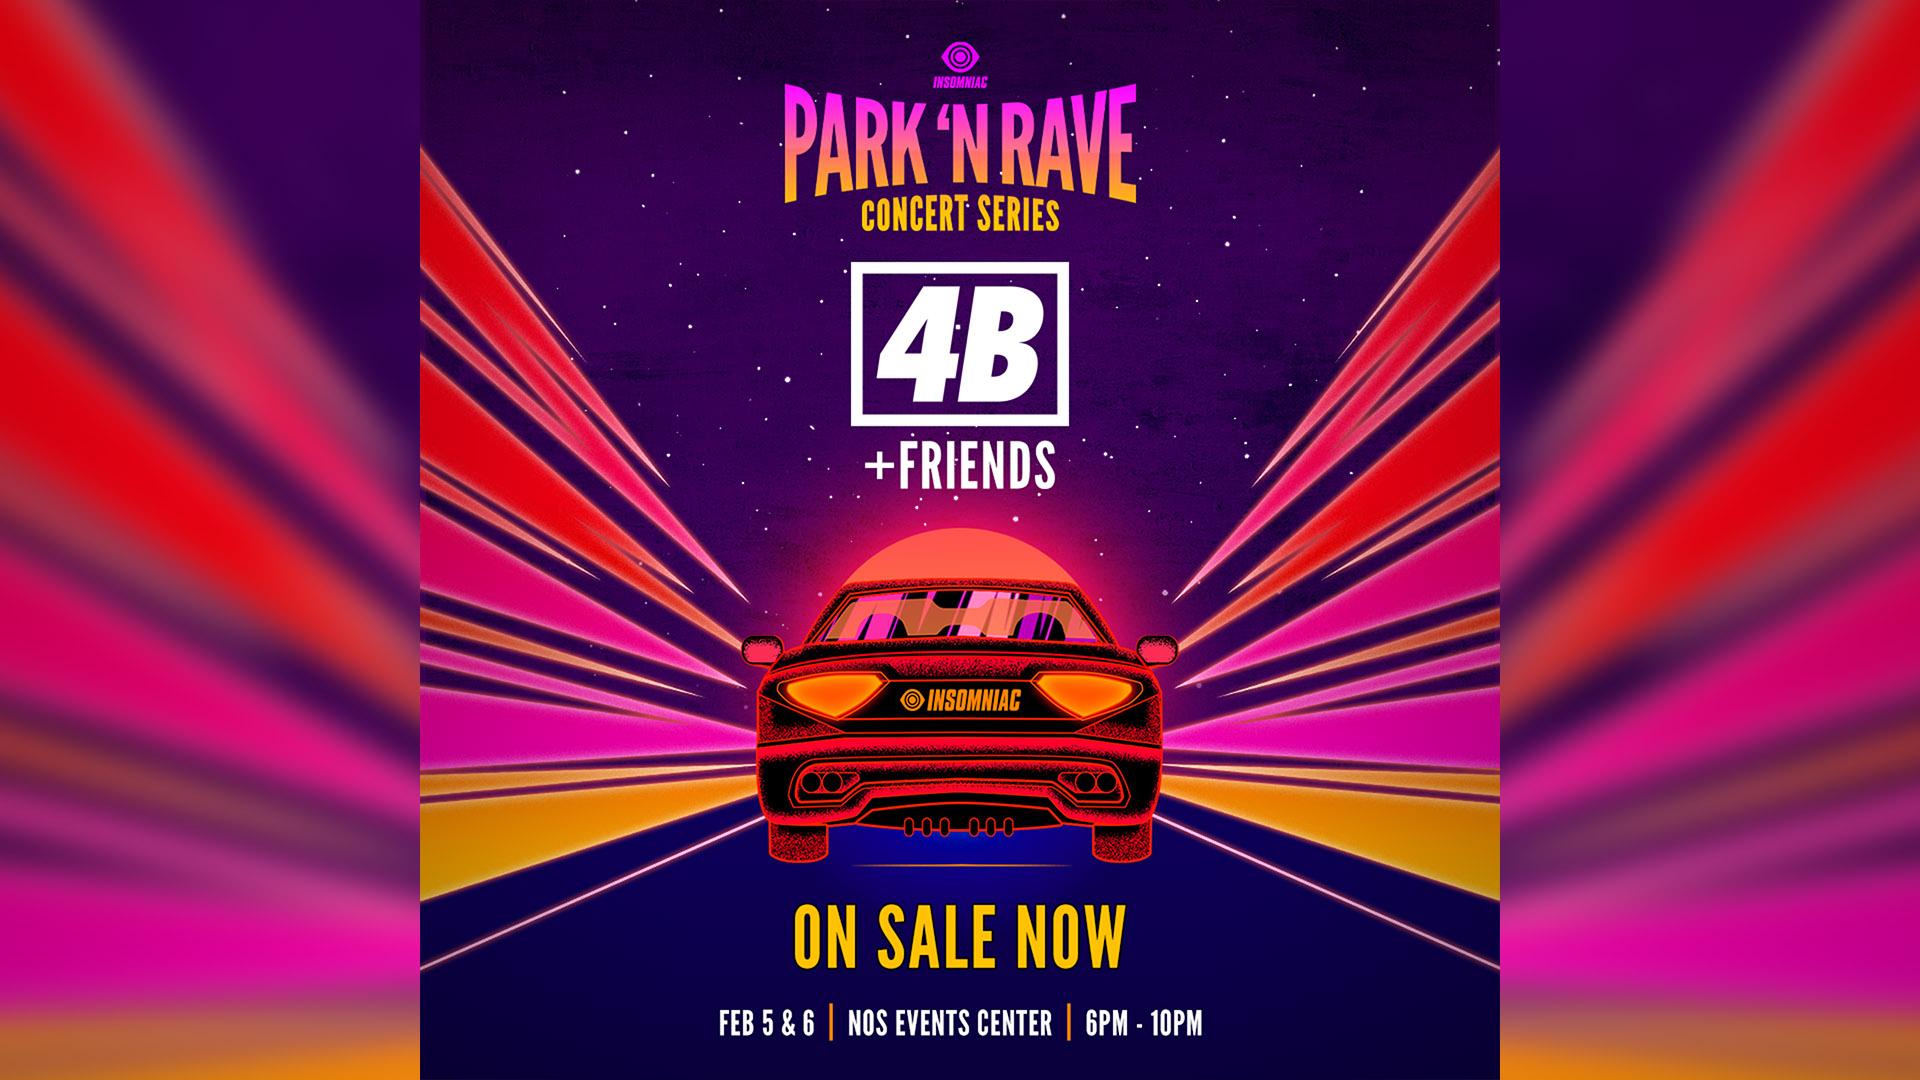 Park 'N Rave 4B